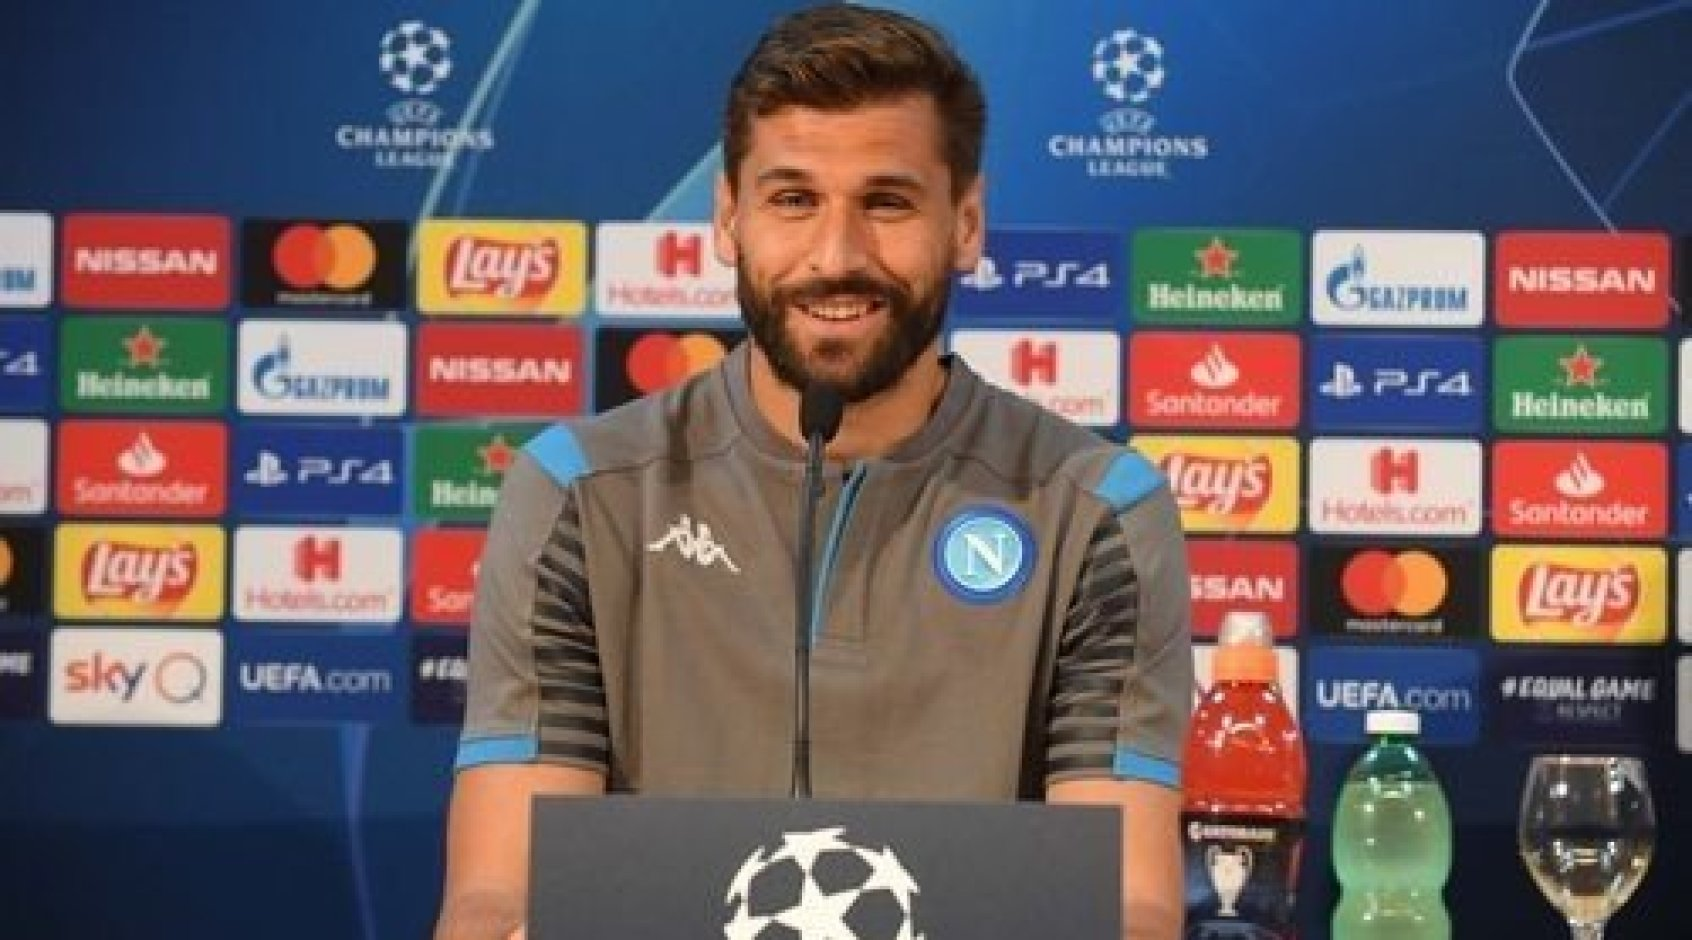 """Фернандо Льоренте: """"Наполи"""" может навести шороху в Лиге чемпионов в этом сезоне"""""""